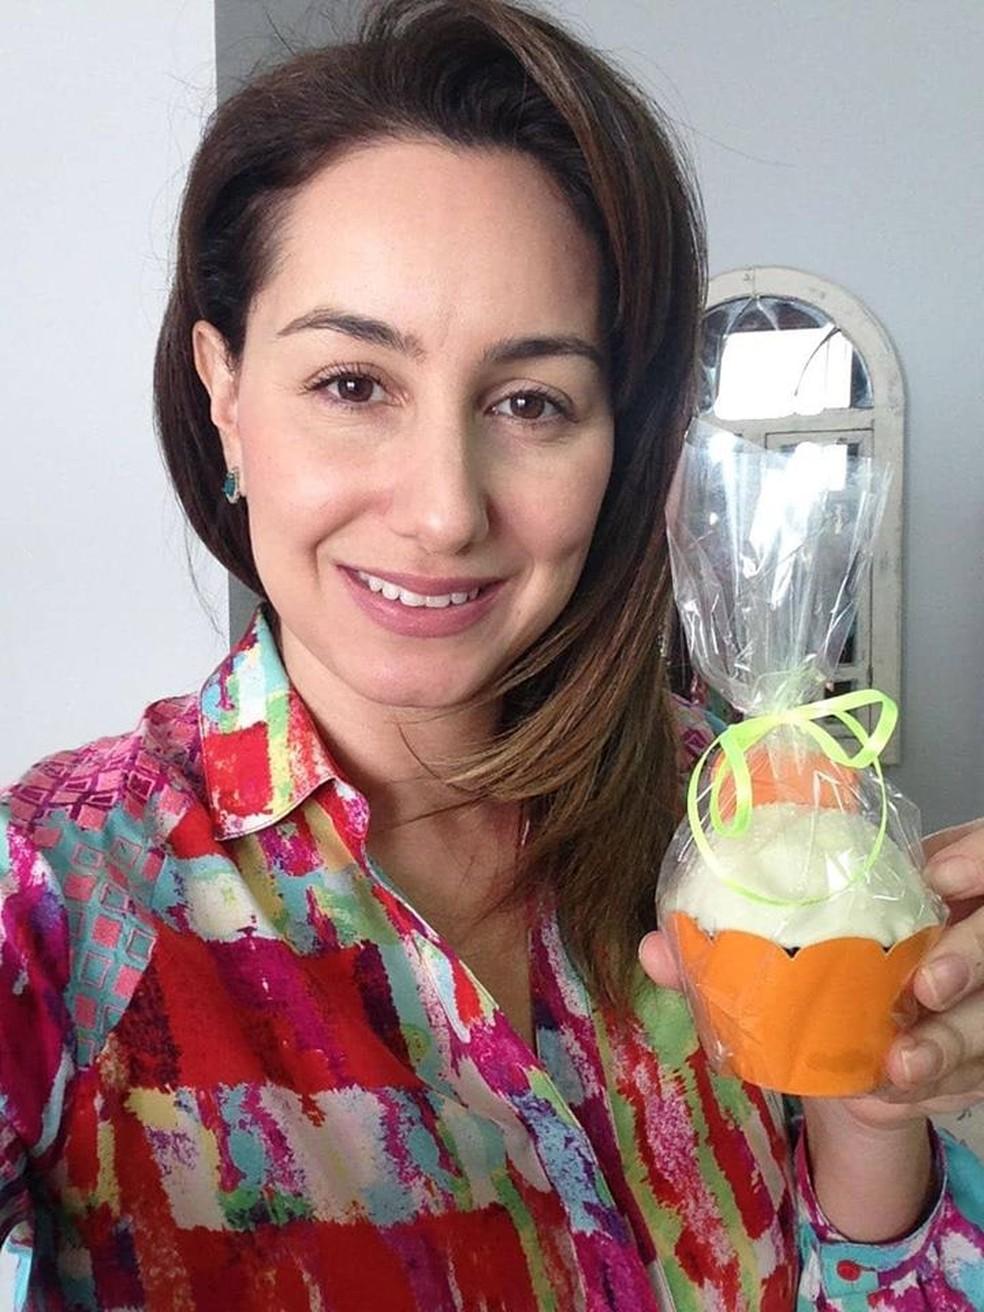 Ana Angélica abriu a empresa no ramo de doces e chocolates e já celebra crescimento no faturamento (Foto: Ana Angélica Alves/Arquivo Pessoal)